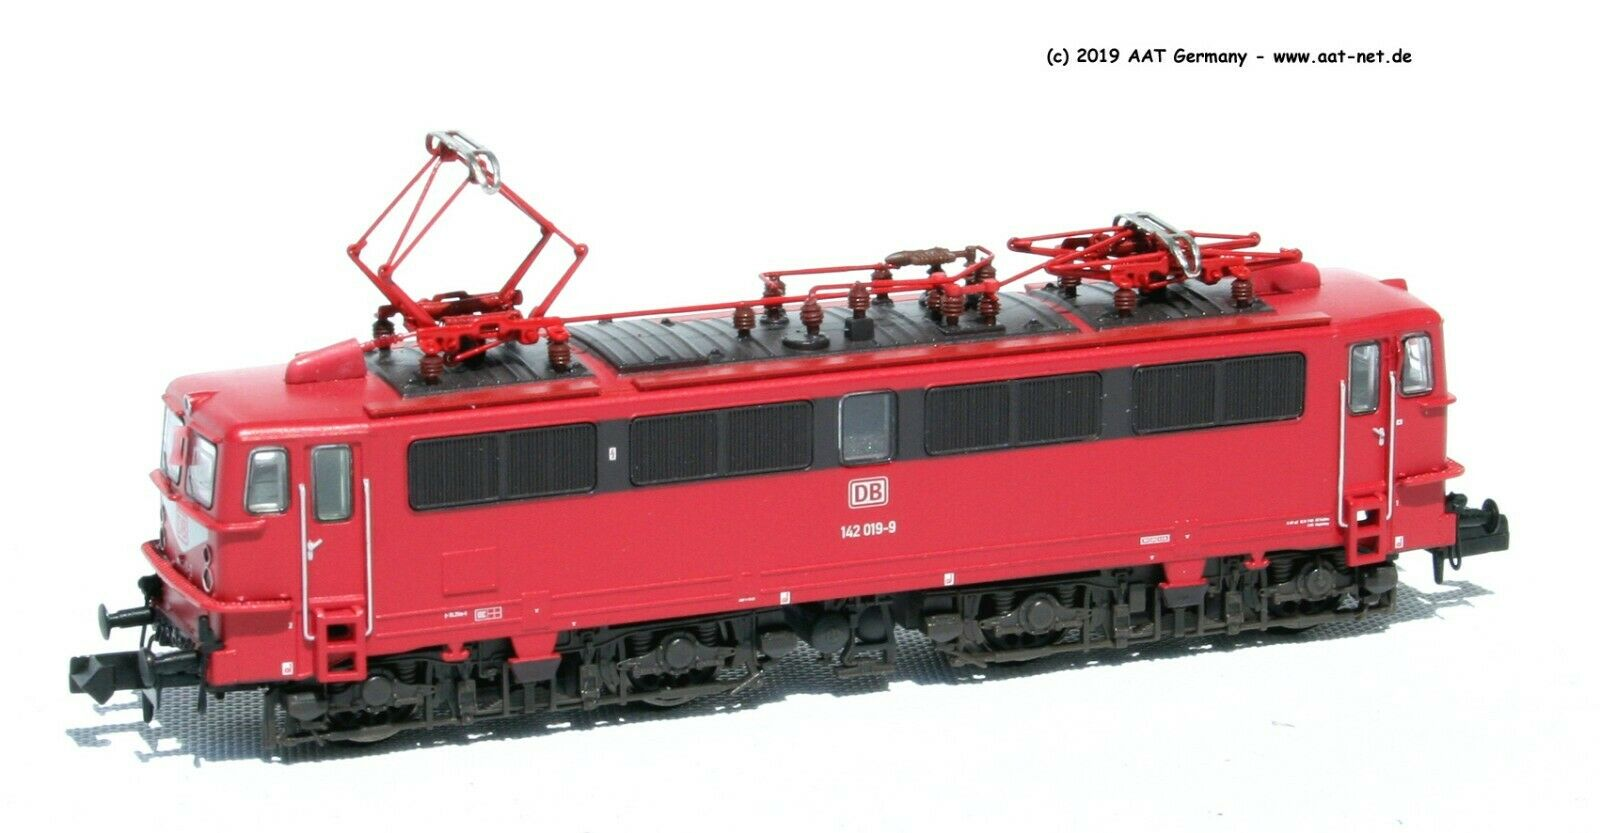 Arnold N hn2271-e-Lok BR 142 019-9 019-9 019-9 DB AG Ep. V NUOVO & OVP 50c5e7